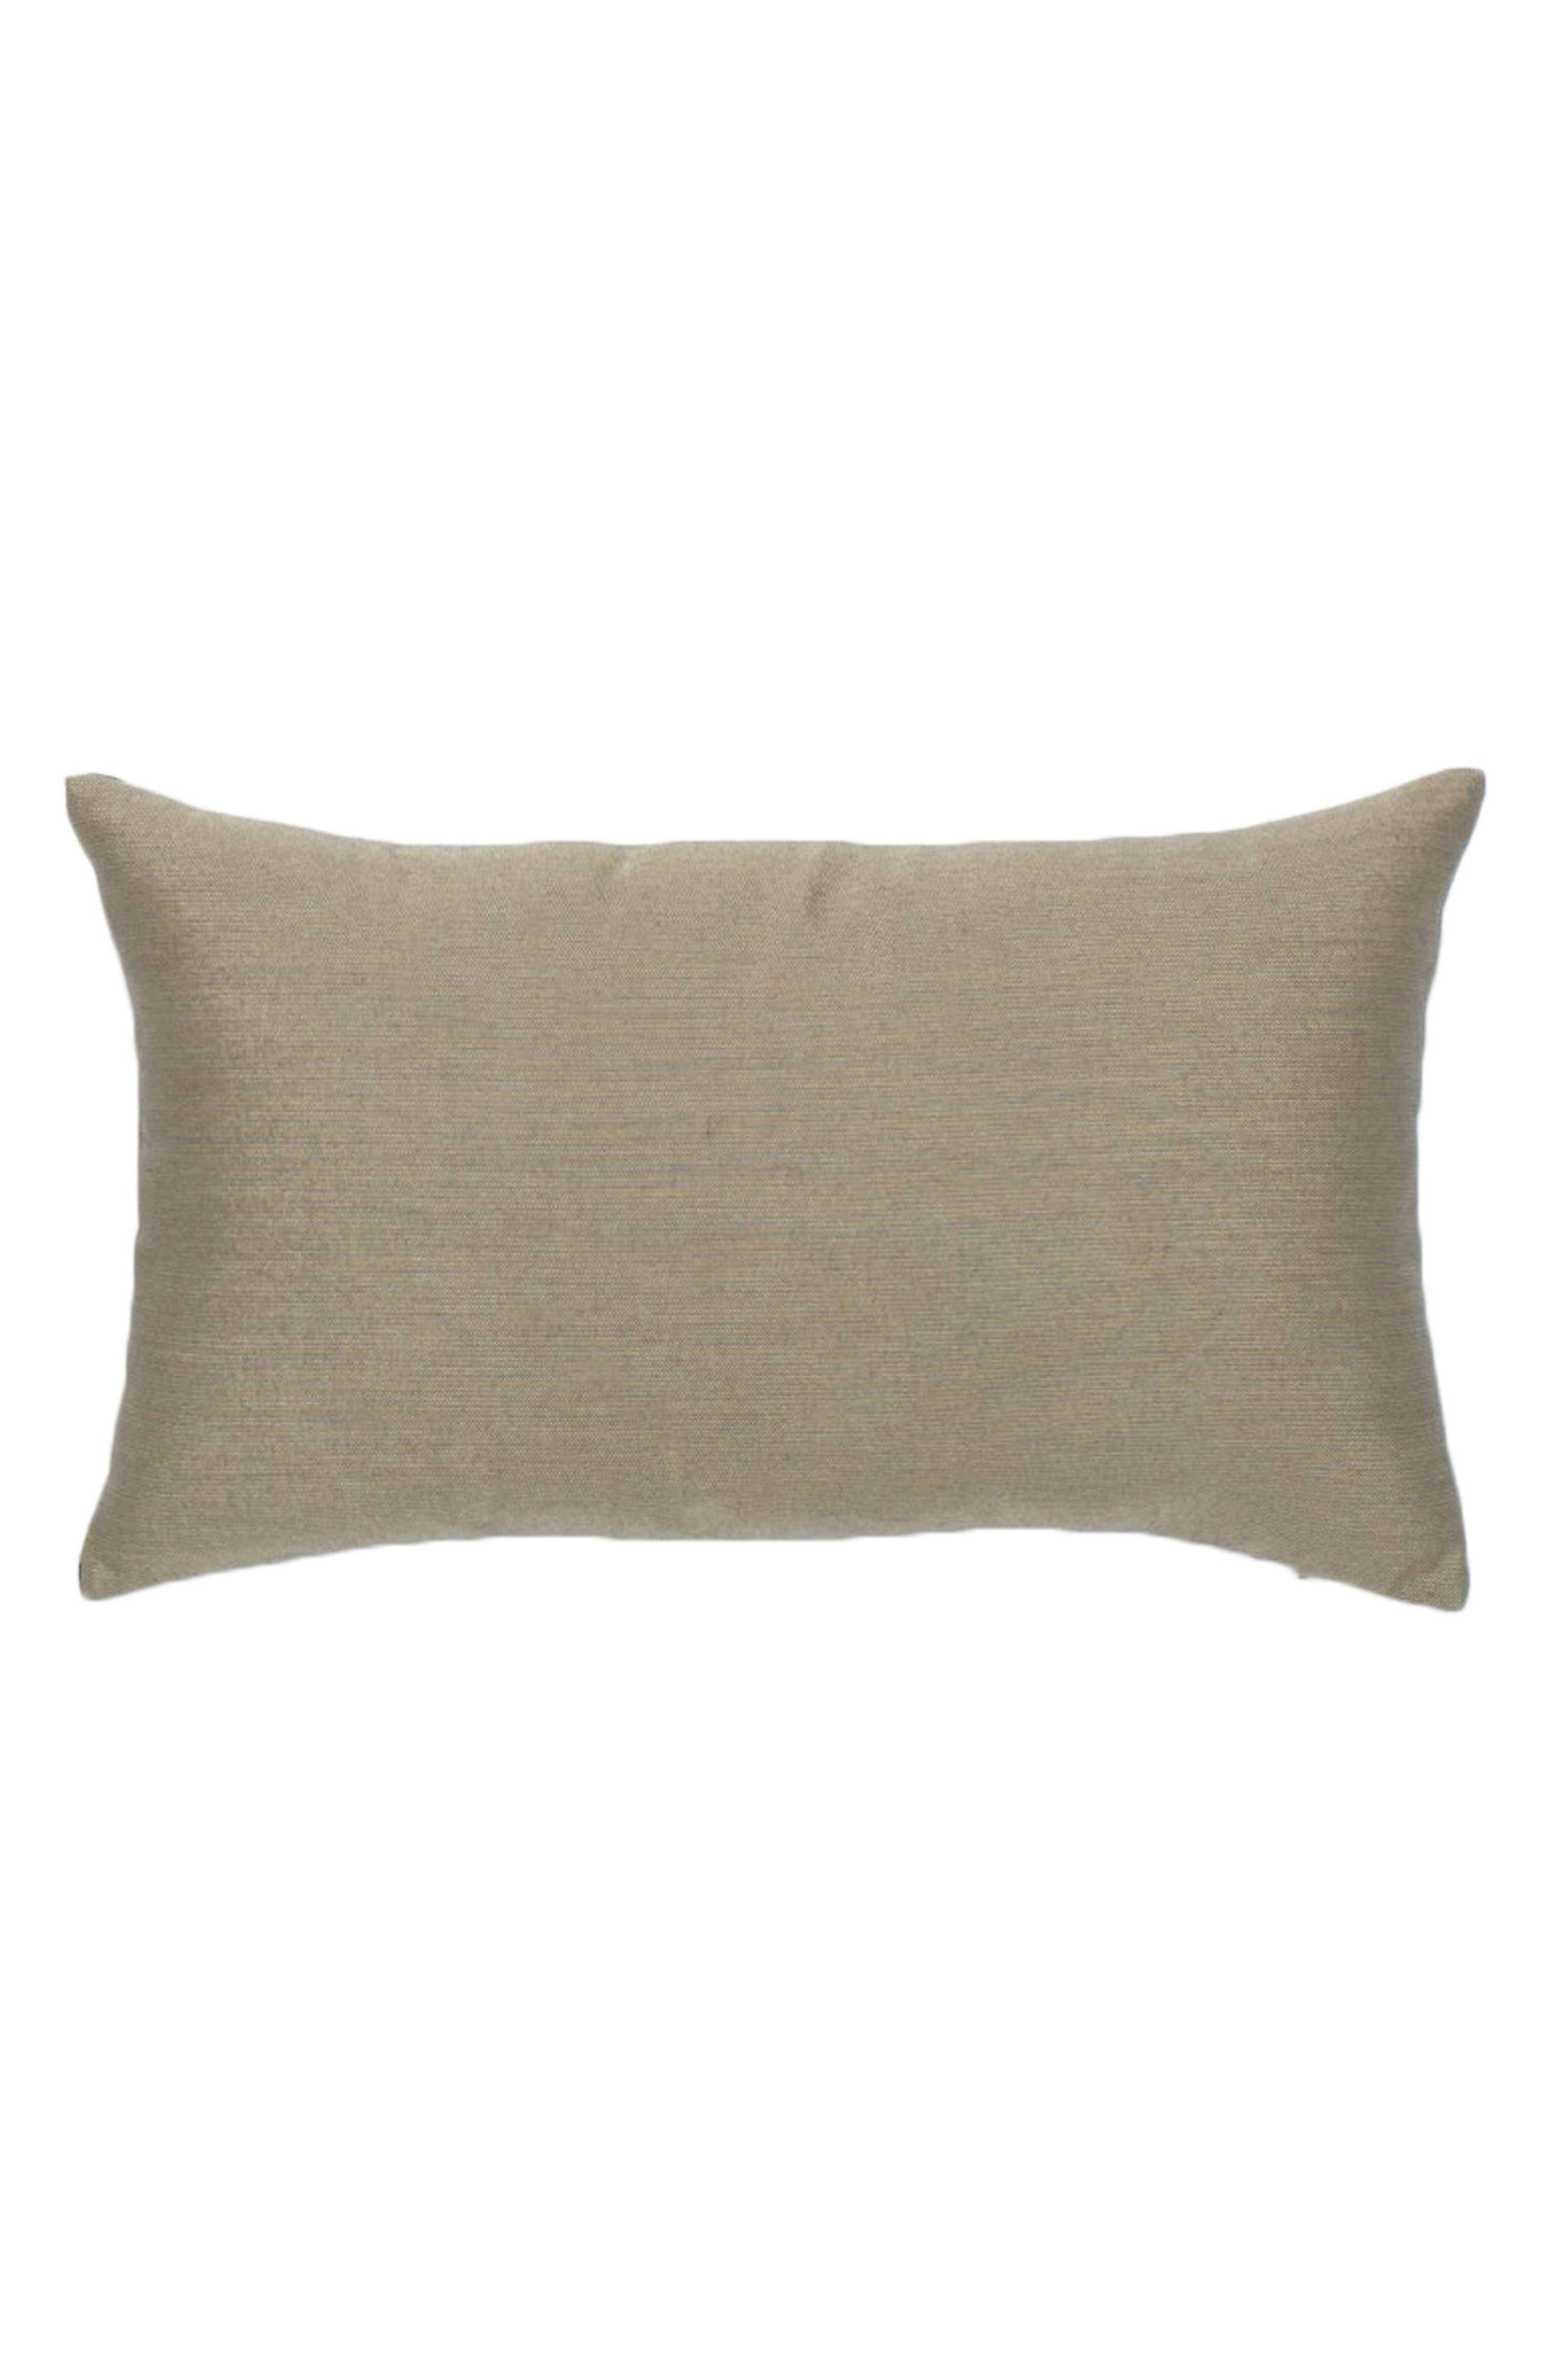 Divergence Indigo Lumbar Pillow,                             Alternate thumbnail 3, color,                             Blue